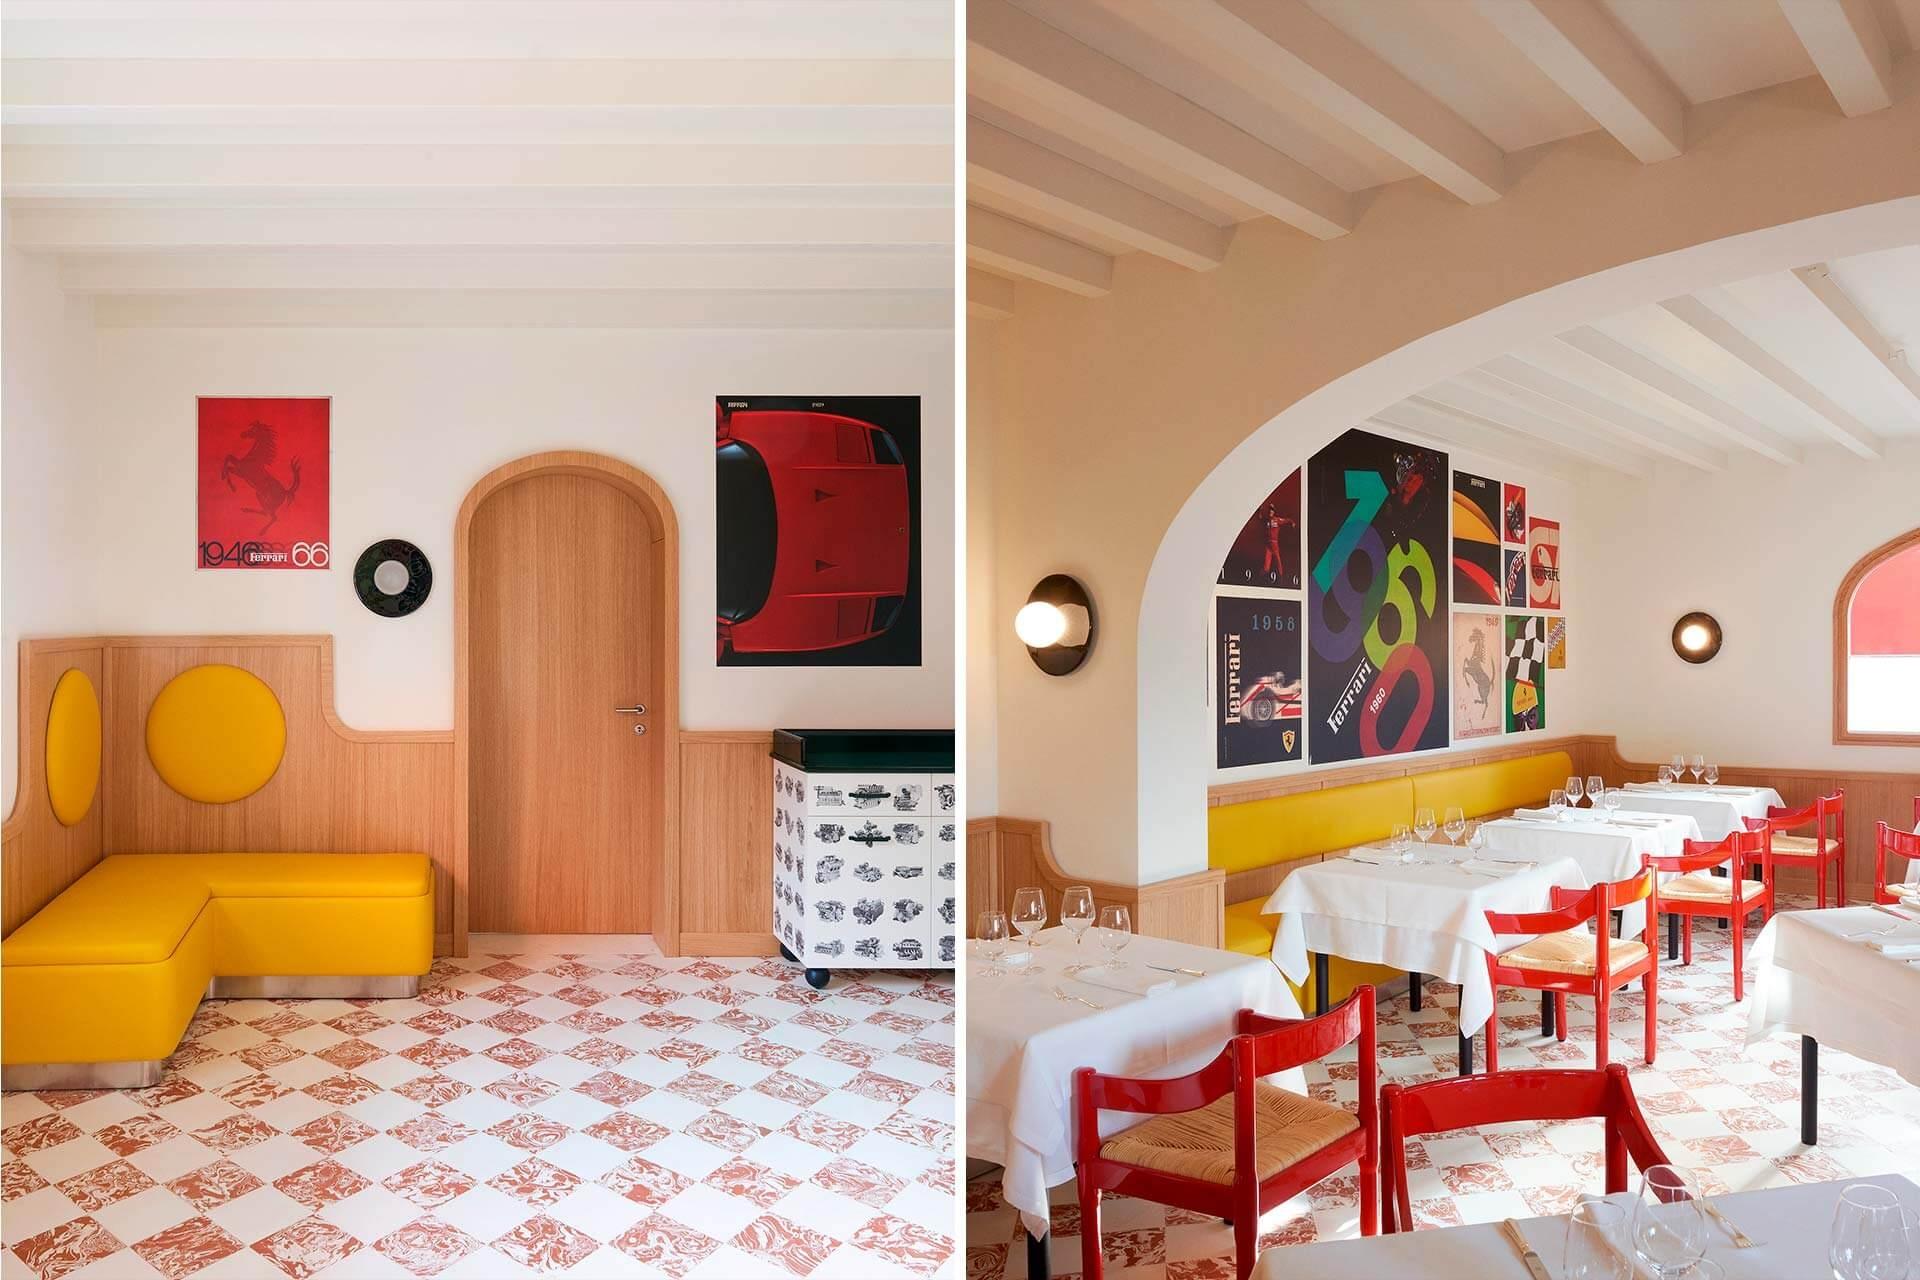 cavallino bottura ferrari massimo restaurant ©courtesy of bottura